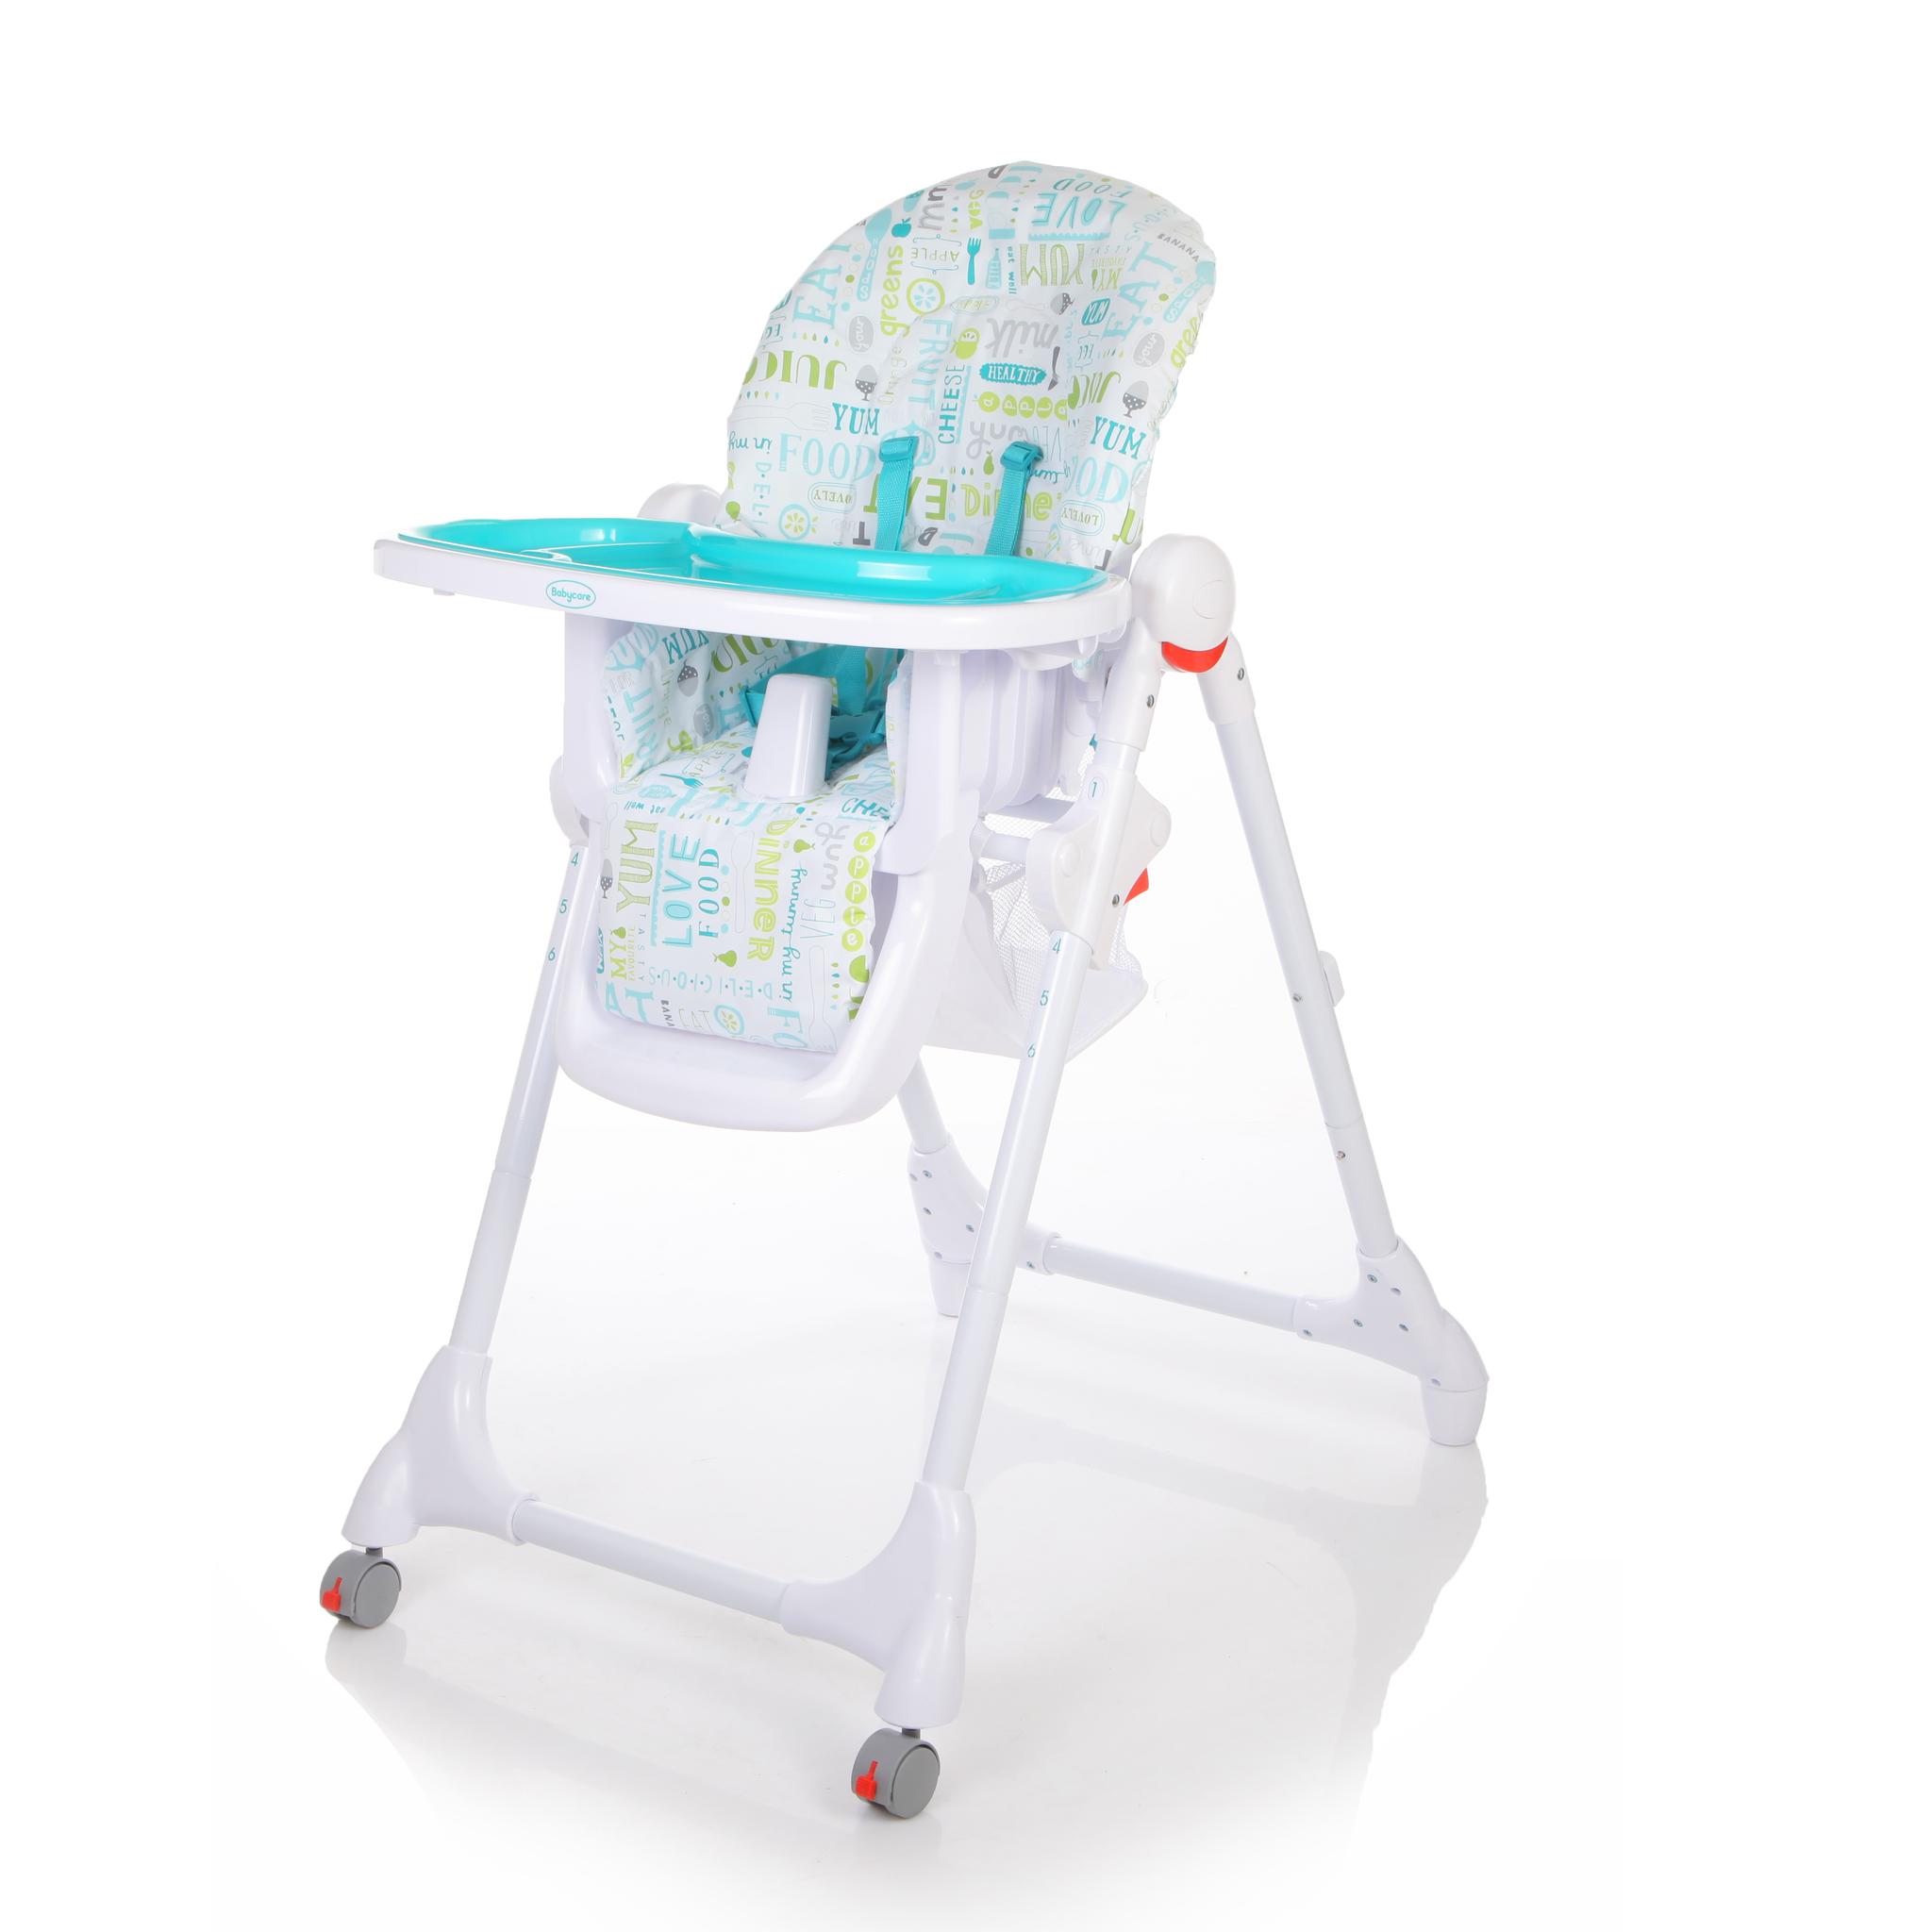 Детский стульчик для кормления Baby Care – Fiesta, синийСтульчики для кормления<br>Детский стульчик для кормления Baby Care – Fiesta, синий<br>